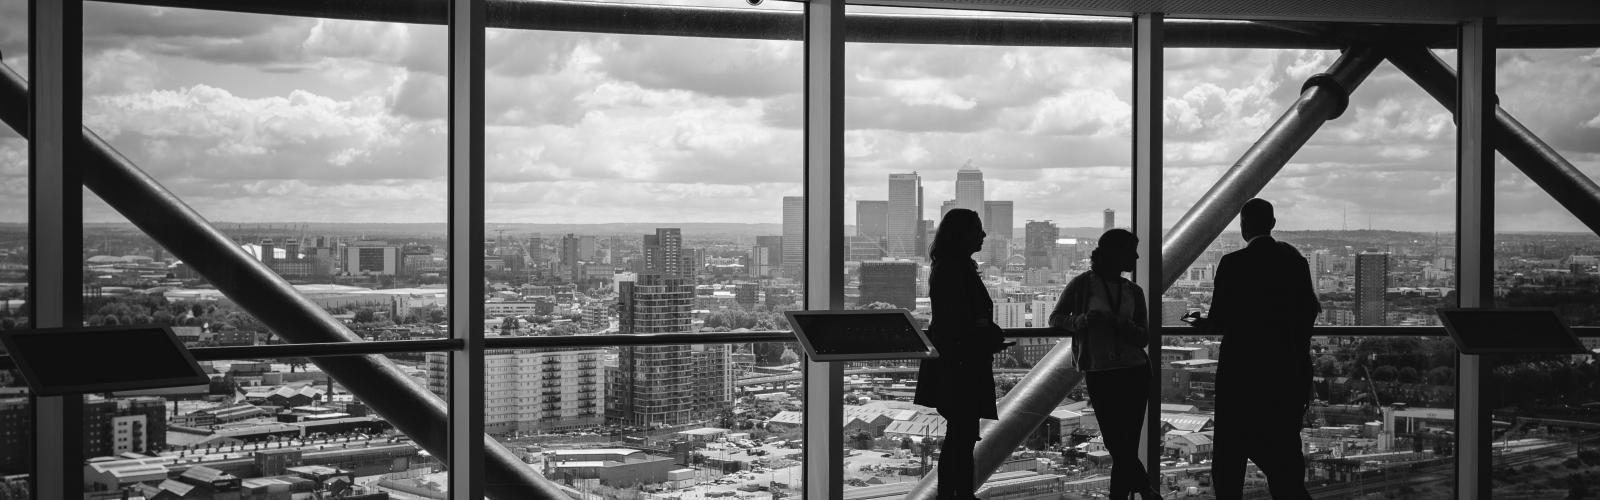 mensen in een kantoorgebouw met uitzicht op de stad